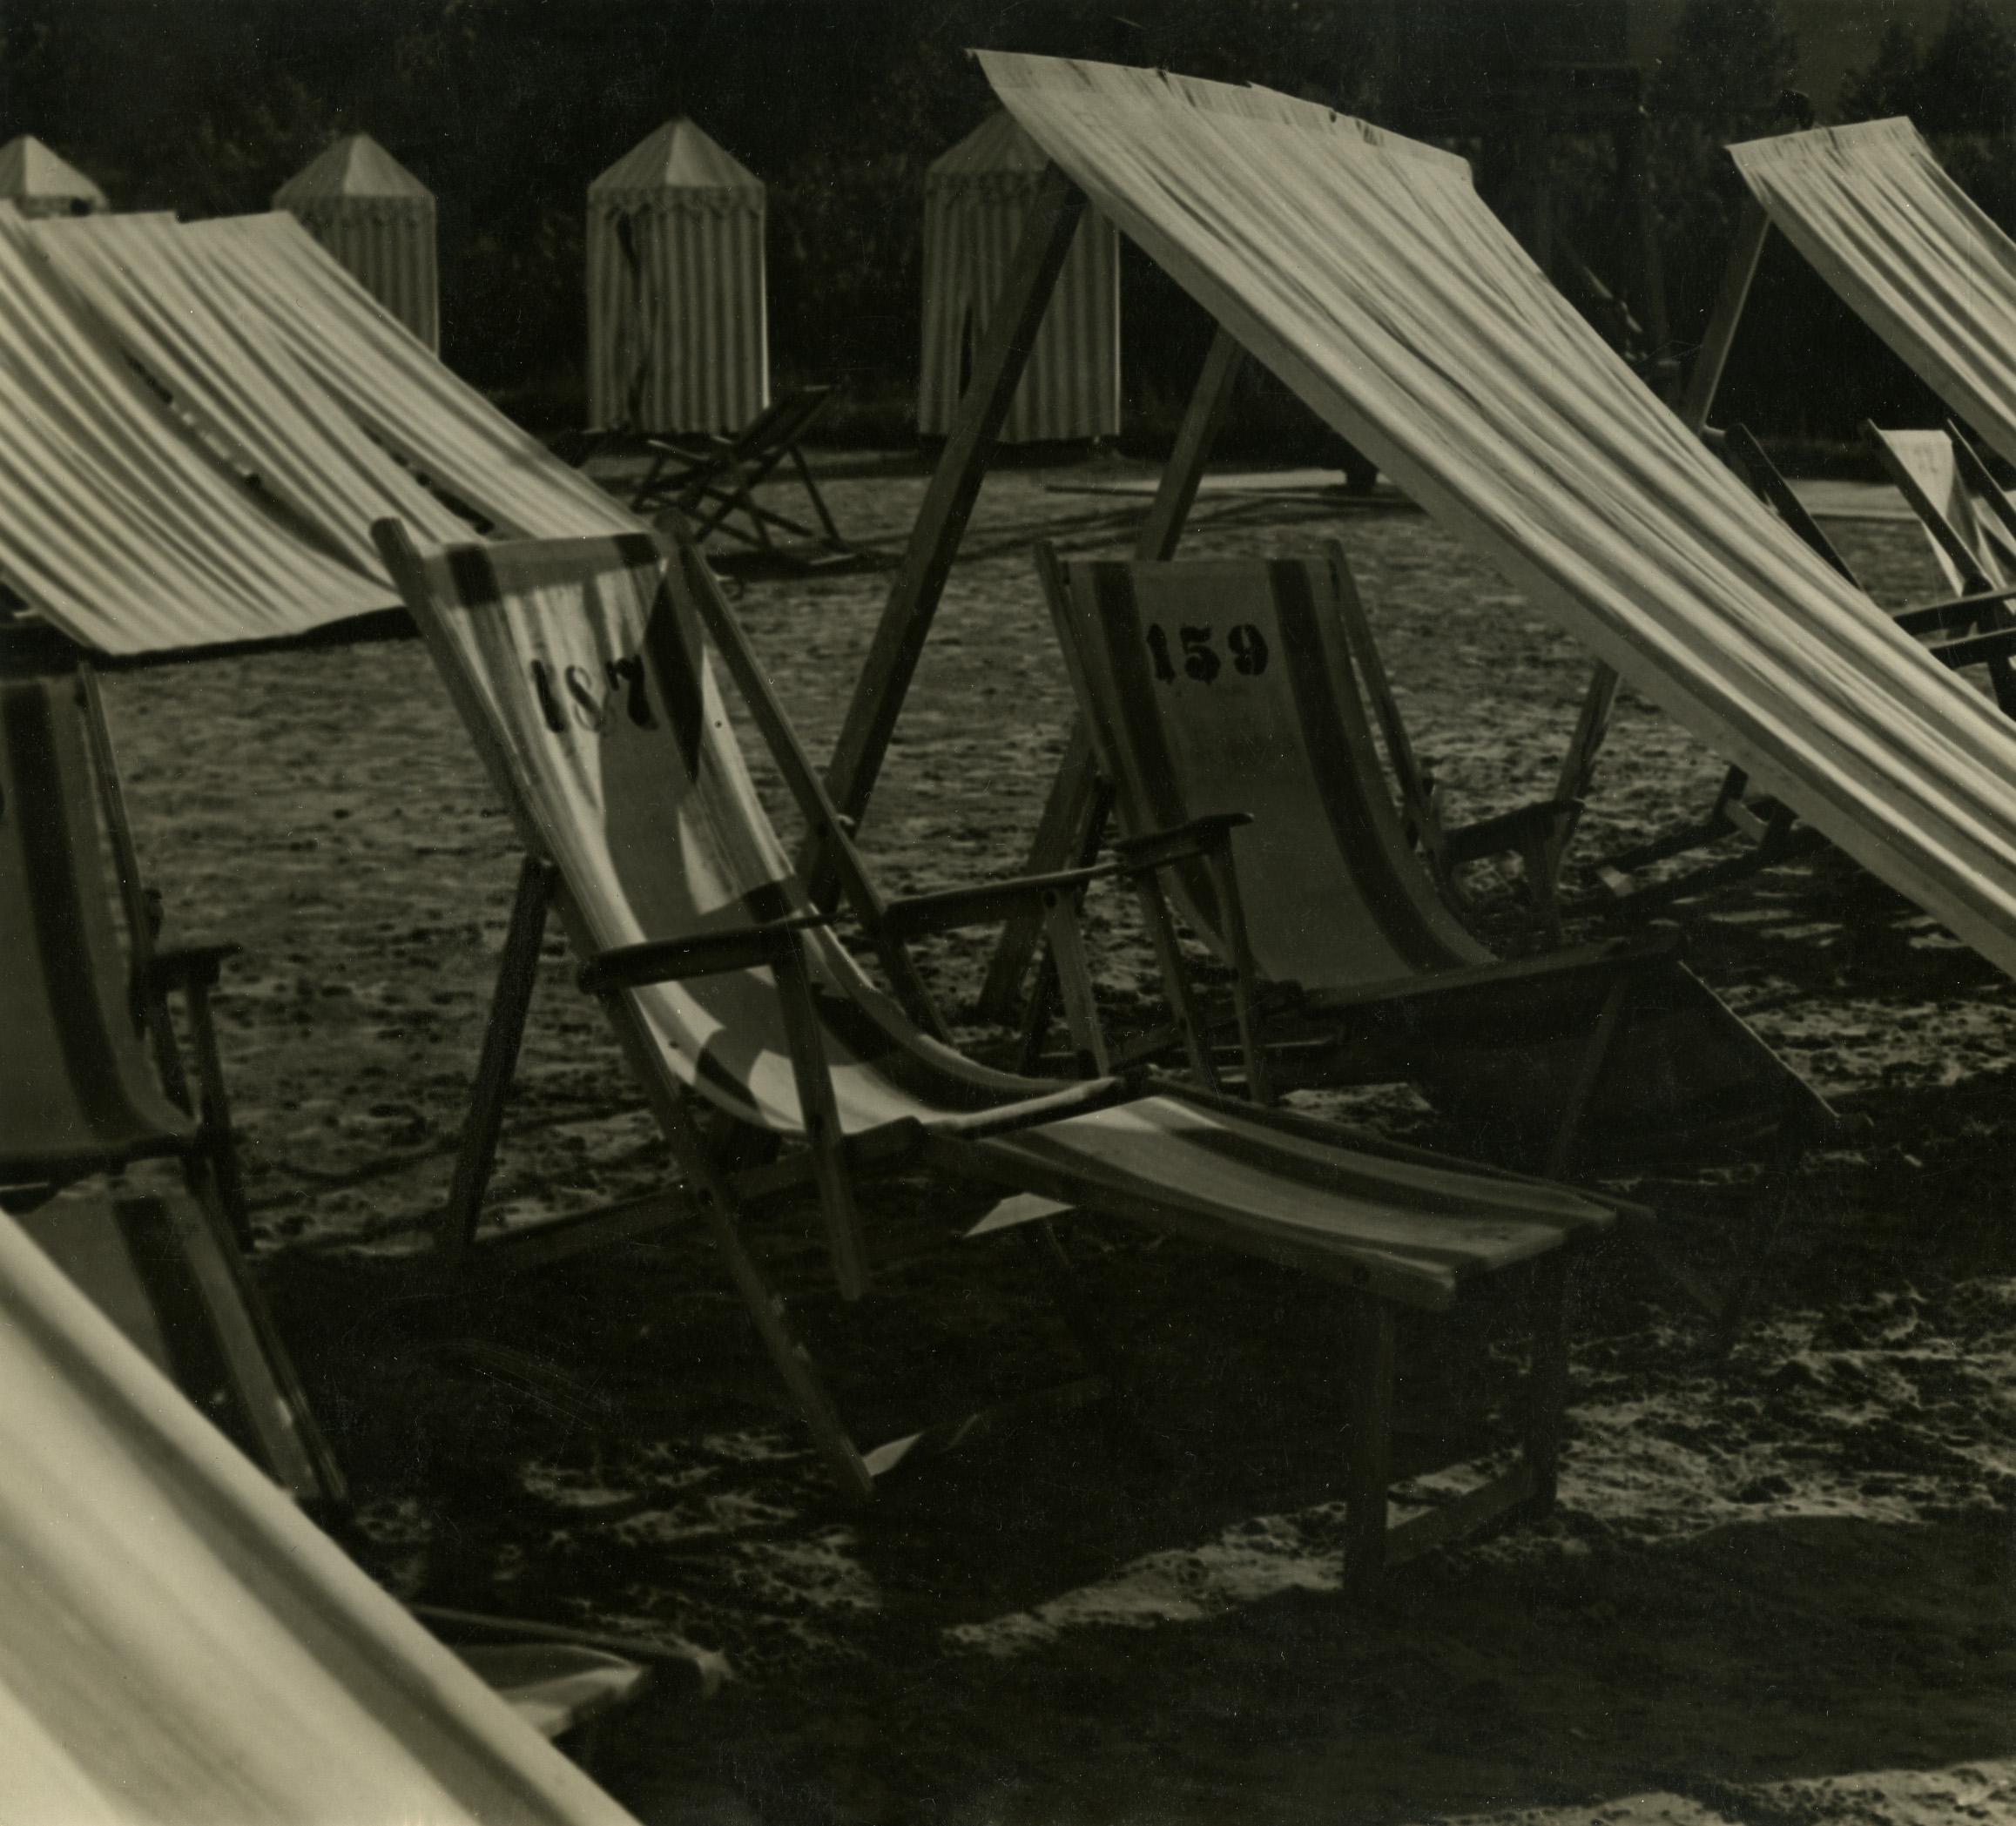 ÚJRANÉZVE – Máté Olga (1878-1961), a századforduló egyik legtehetségesebb fotográfusnője